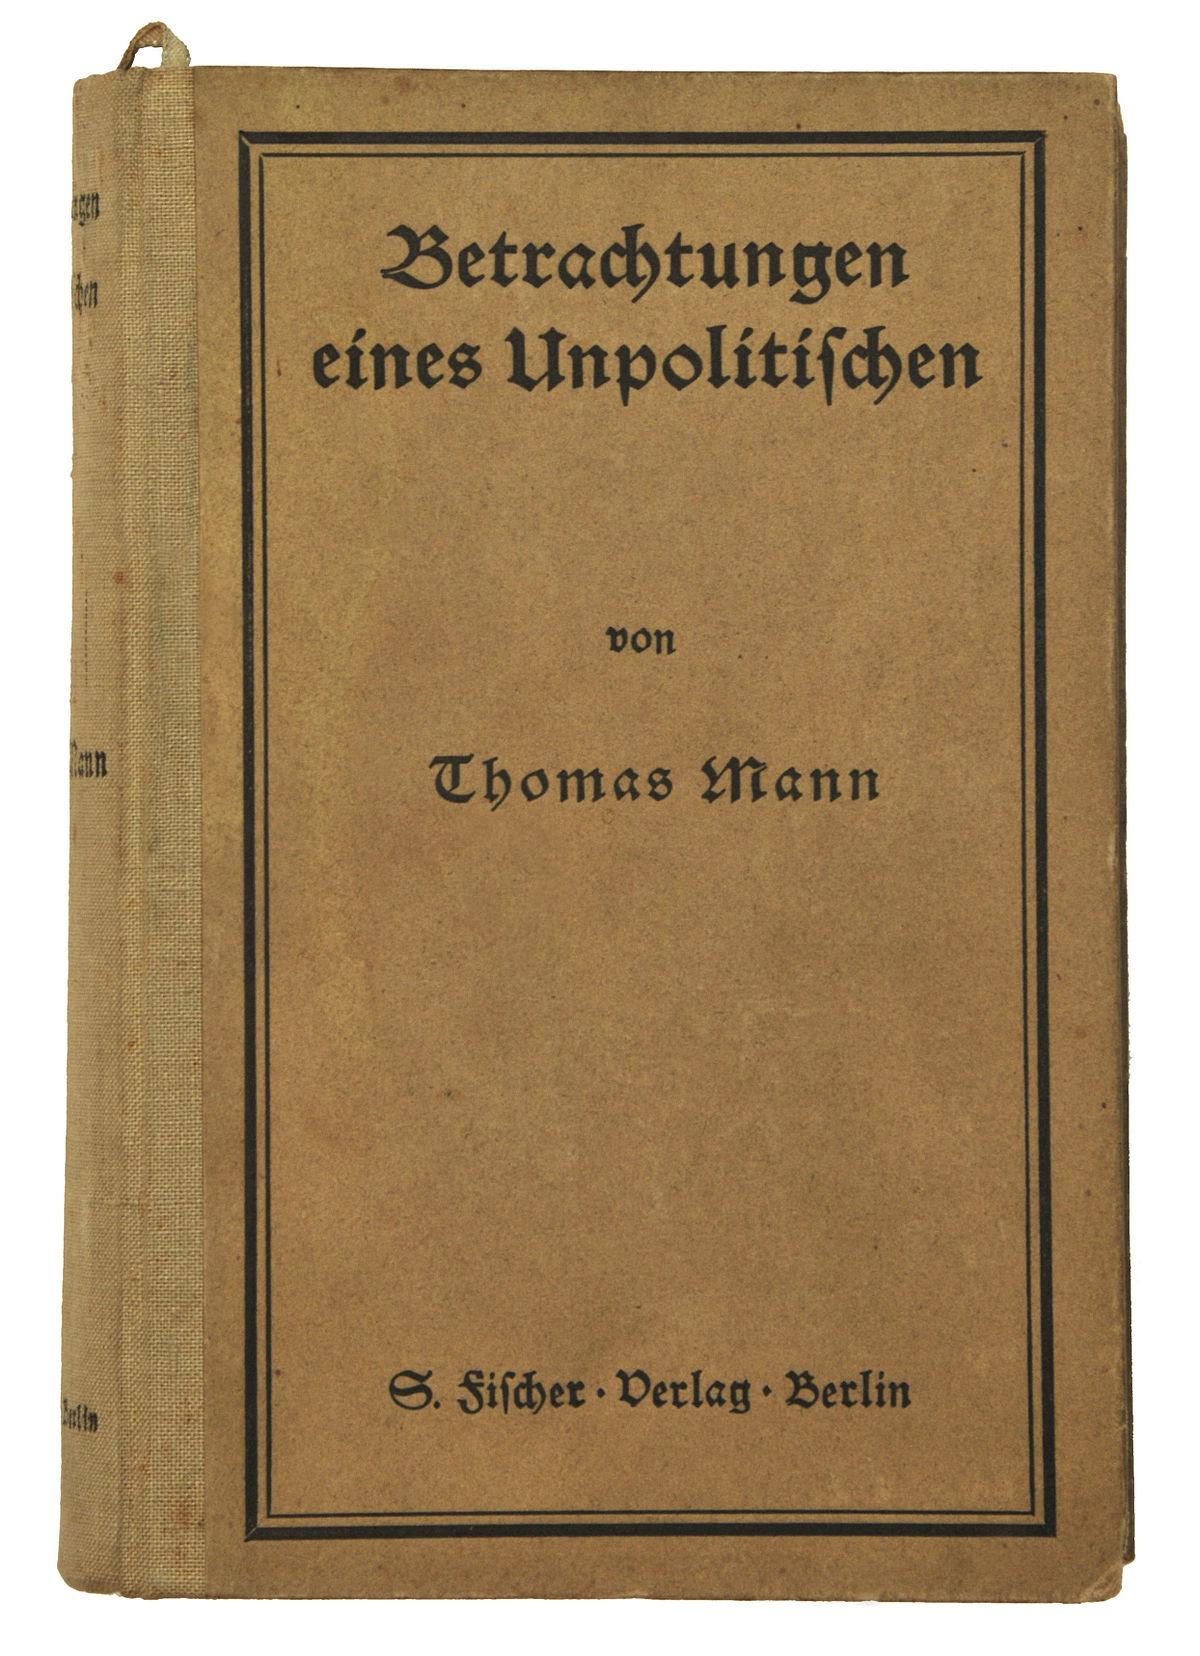 heinrich mann zola essay Der roman, den heinrich mann am vorabend des ersten weltkriegs verfaßt hat,   eine deutung, die heinrich mann noch in seinem zola-essay, in dem er das.